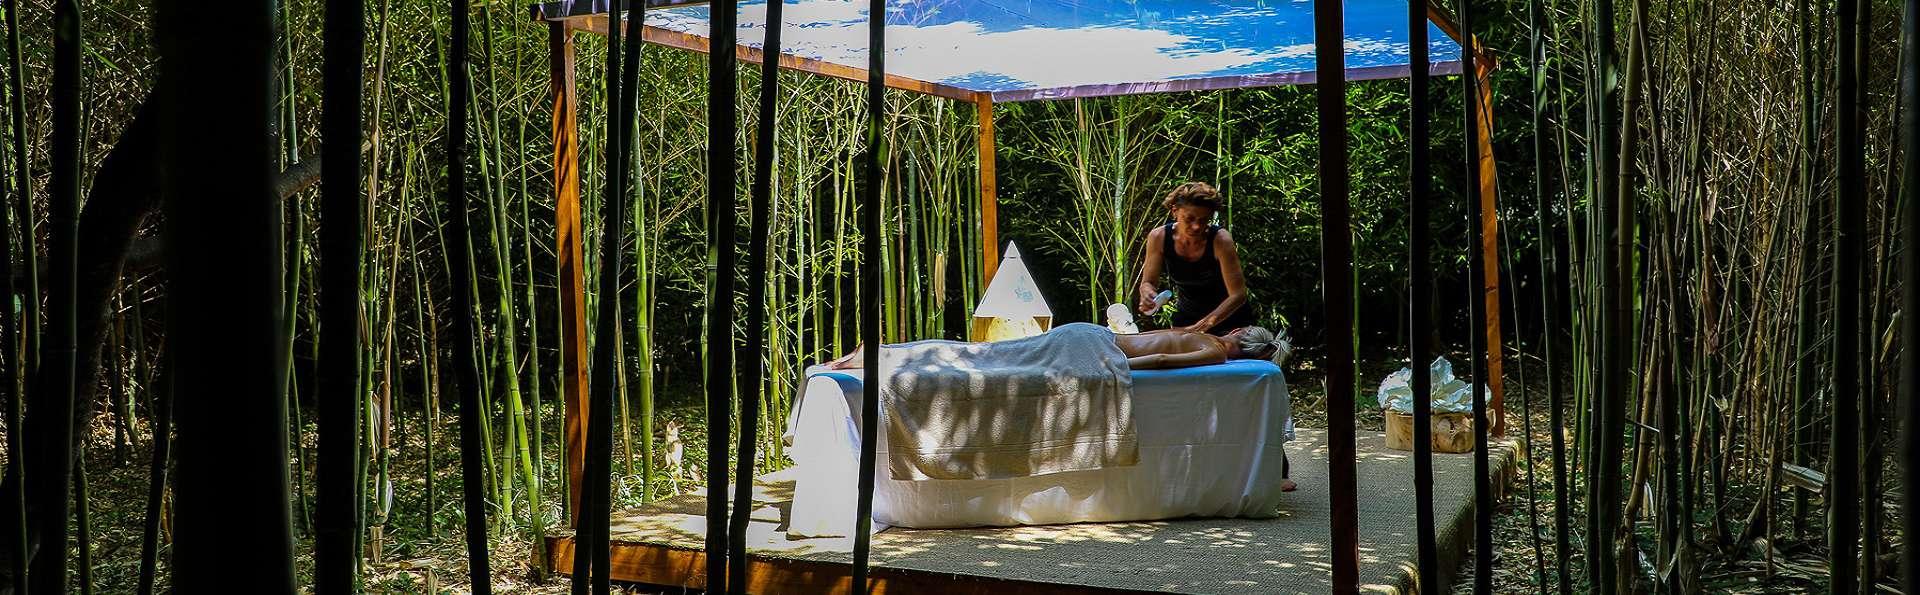 Séjour relaxant avec massage dans un château entre Arles et Avignon